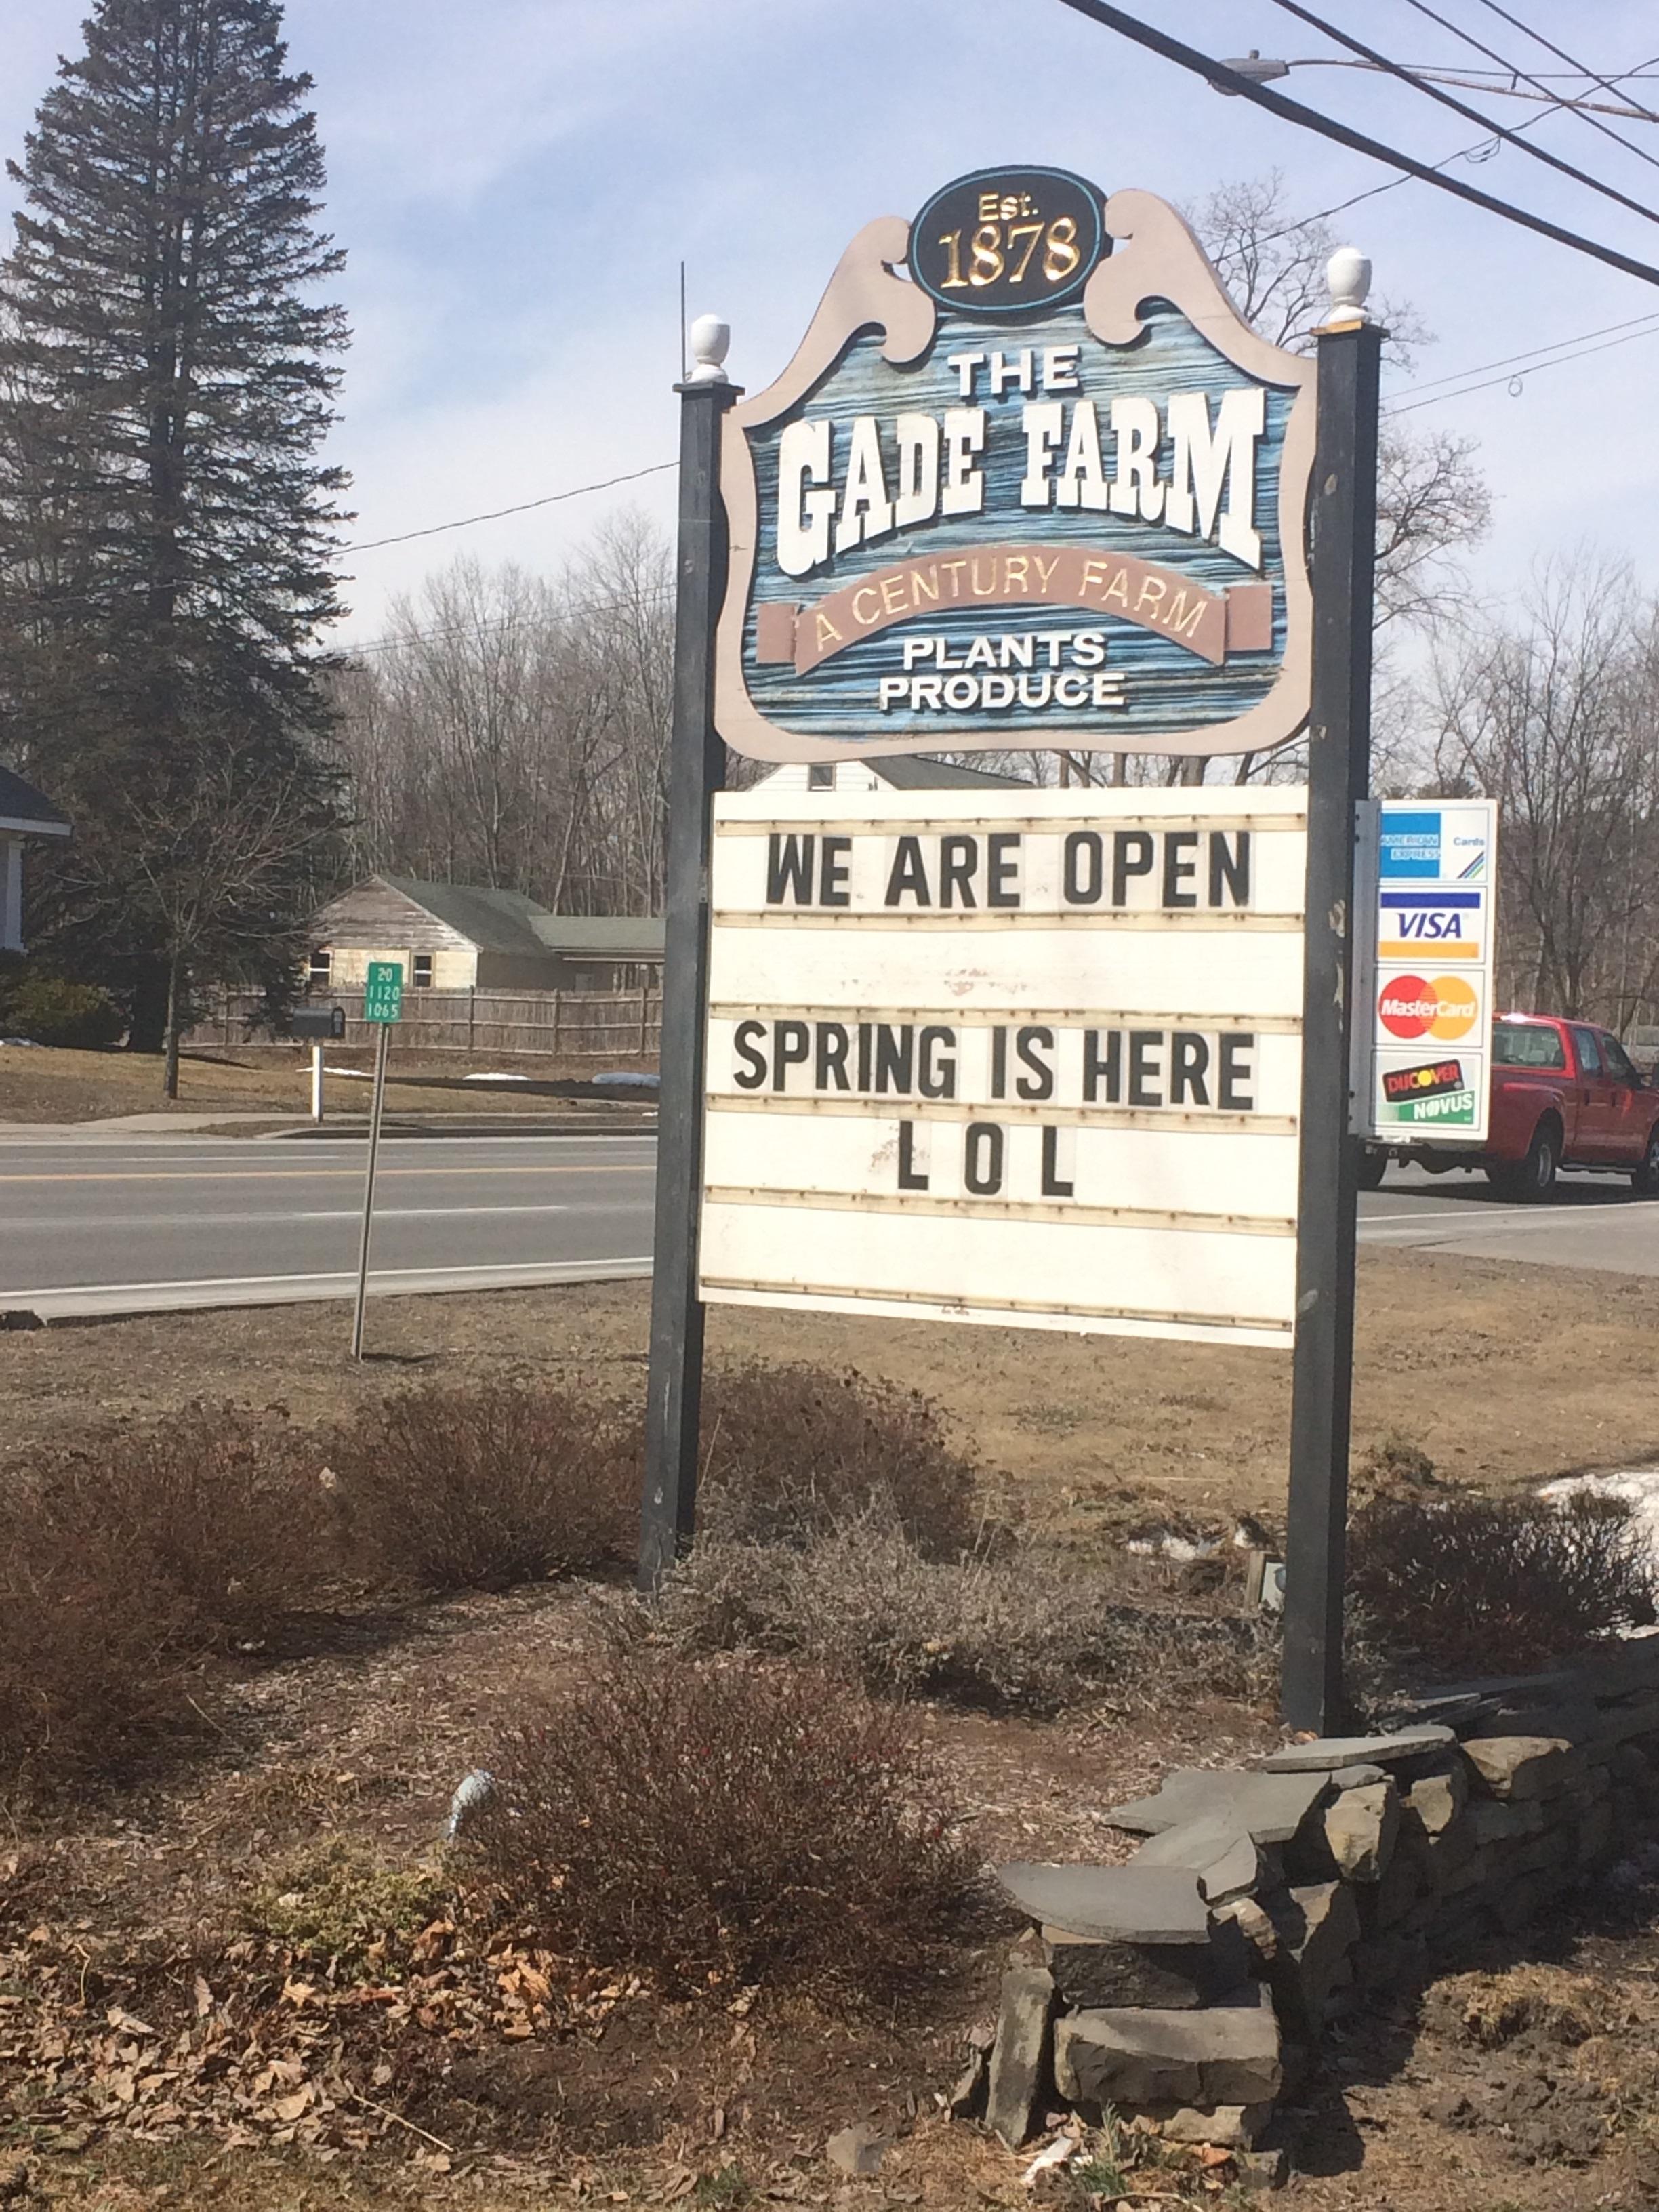 Spring--LOL